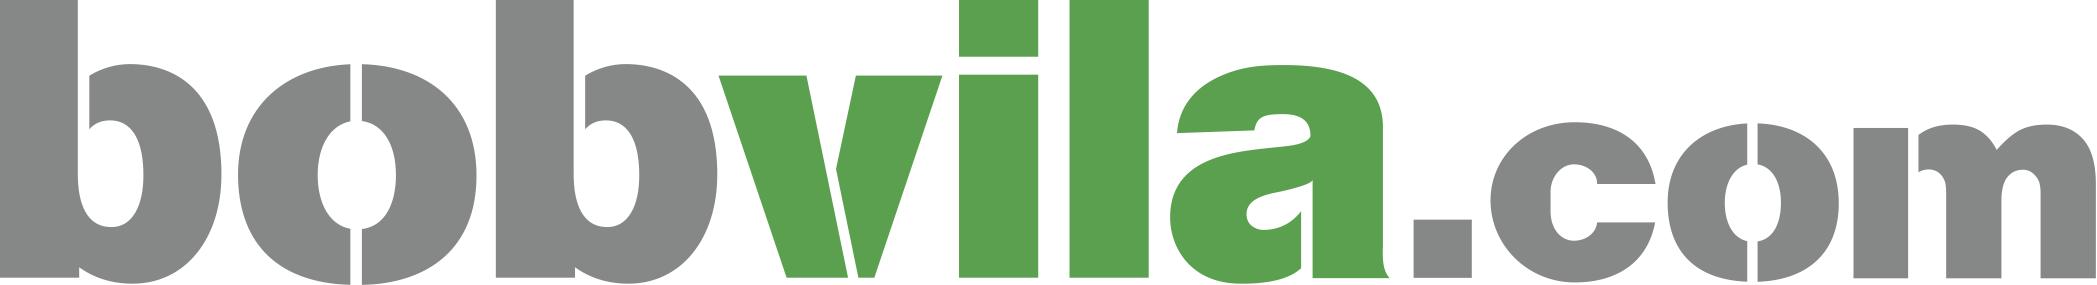 Logo - with com